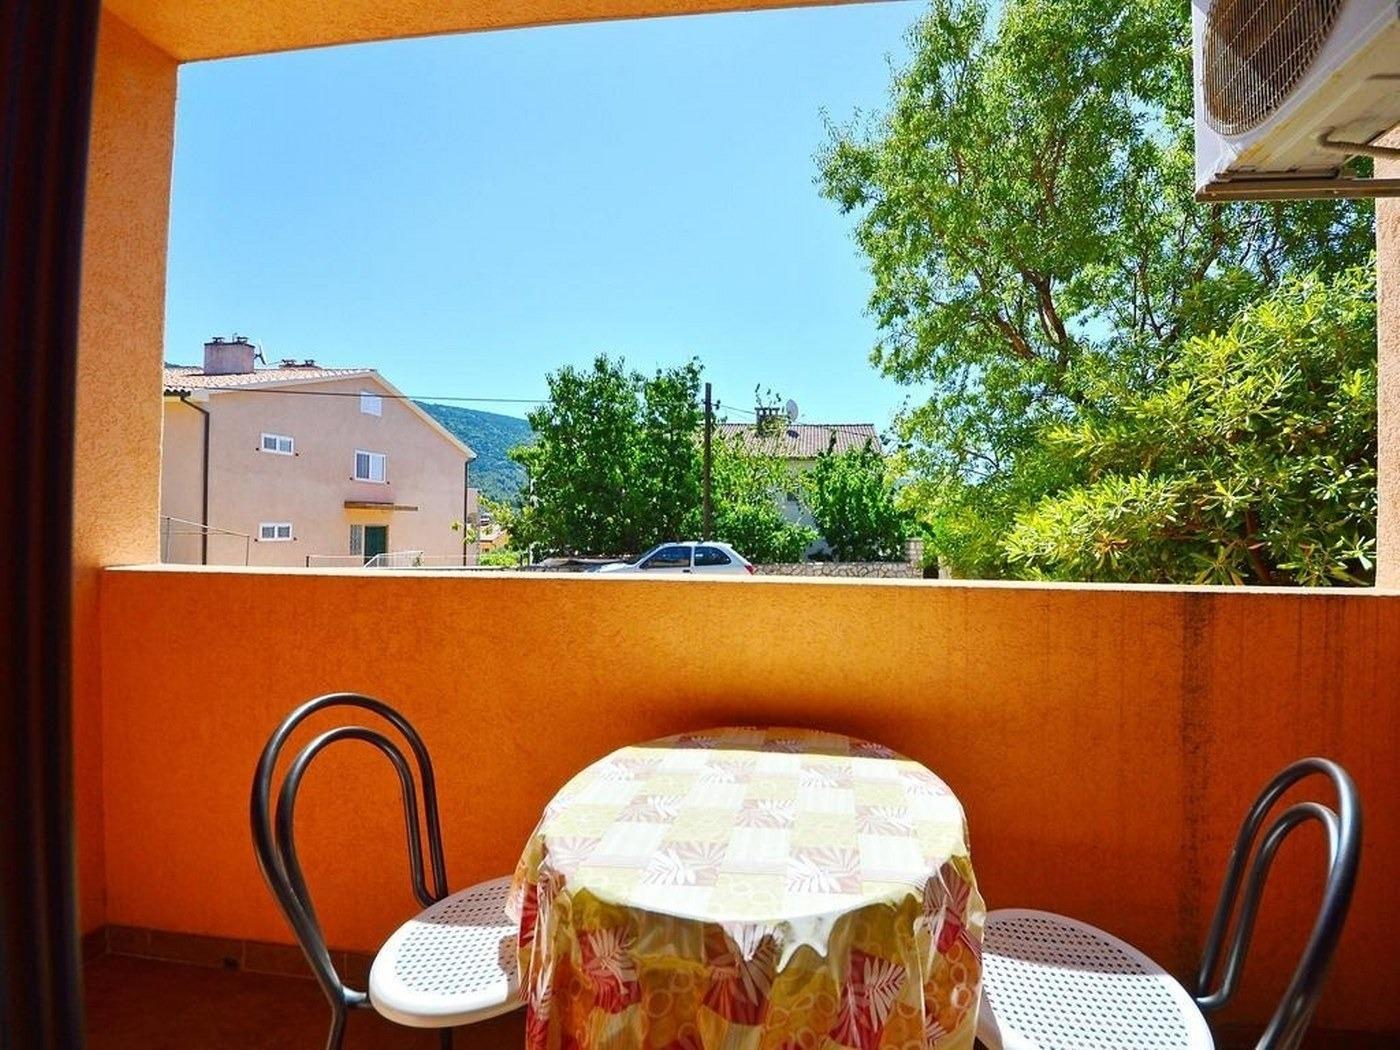 Appartement de vacances Marija A1(2+1) Prizemlje - Cres (739199), Cres (Stadt), Île de Cres, Kvarner, Croatie, image 4